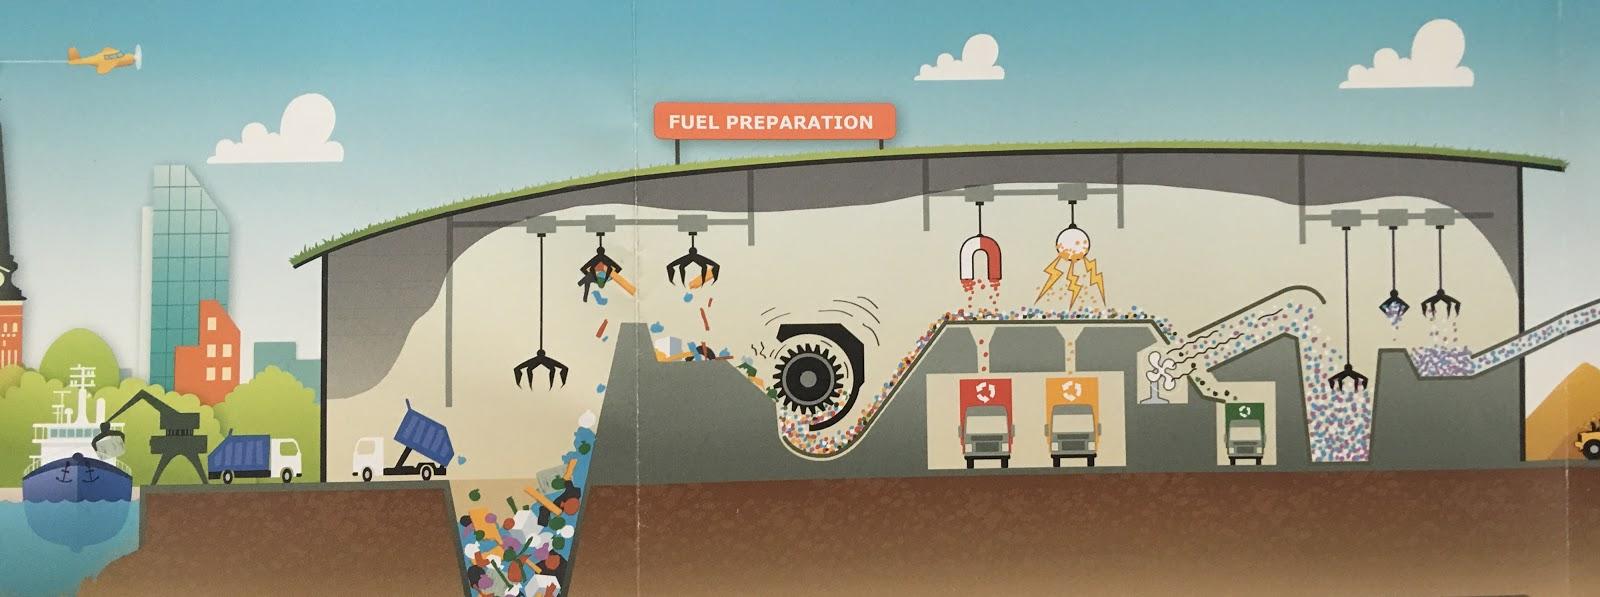 preparación del combustible